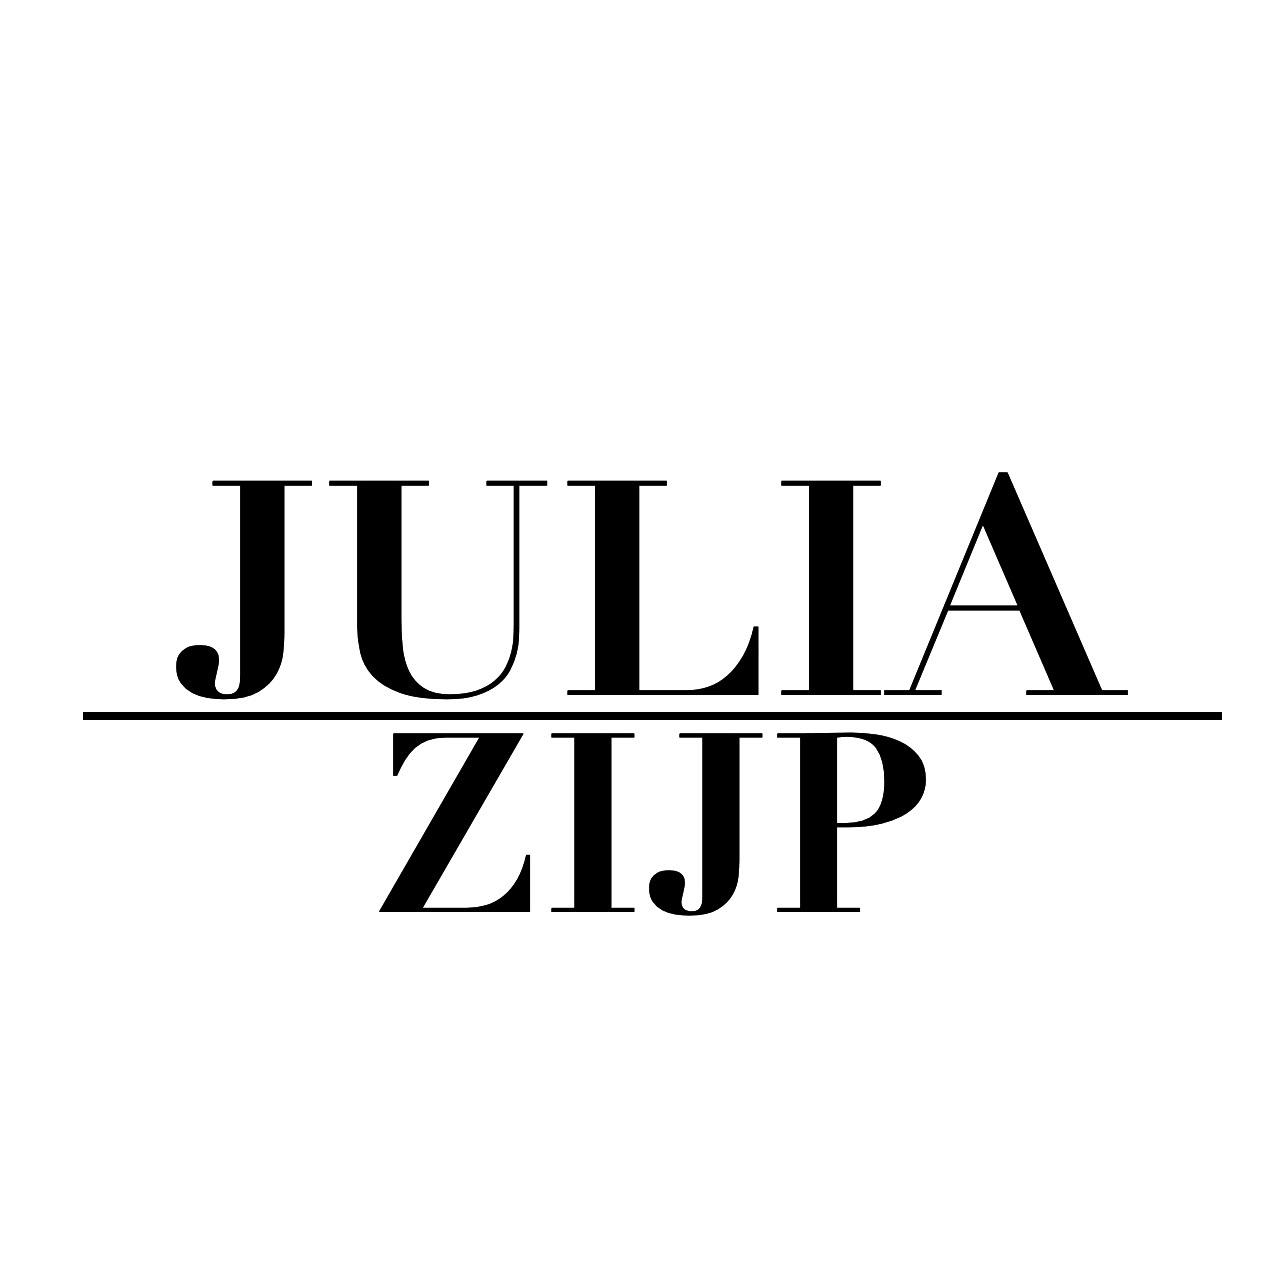 Julia Zijp